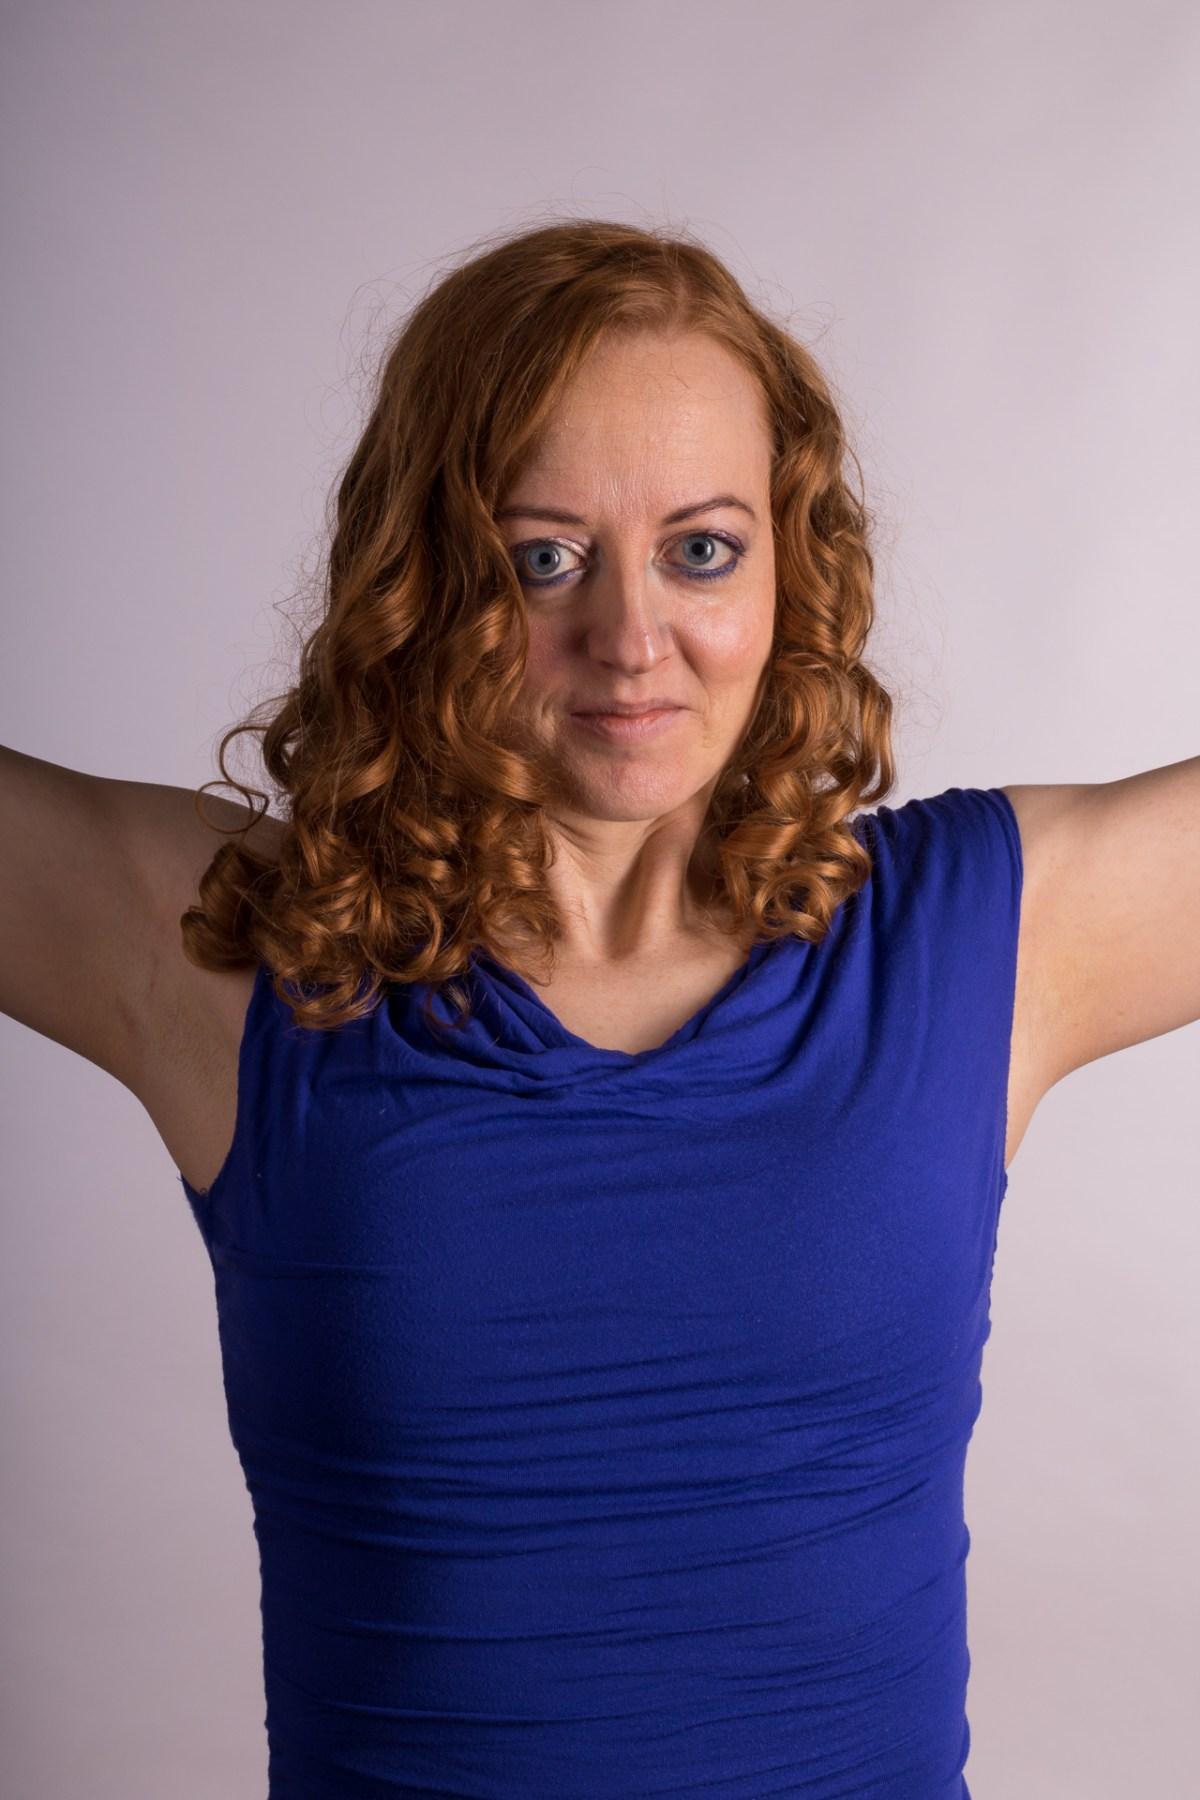 Alexandra, portræt - krøller